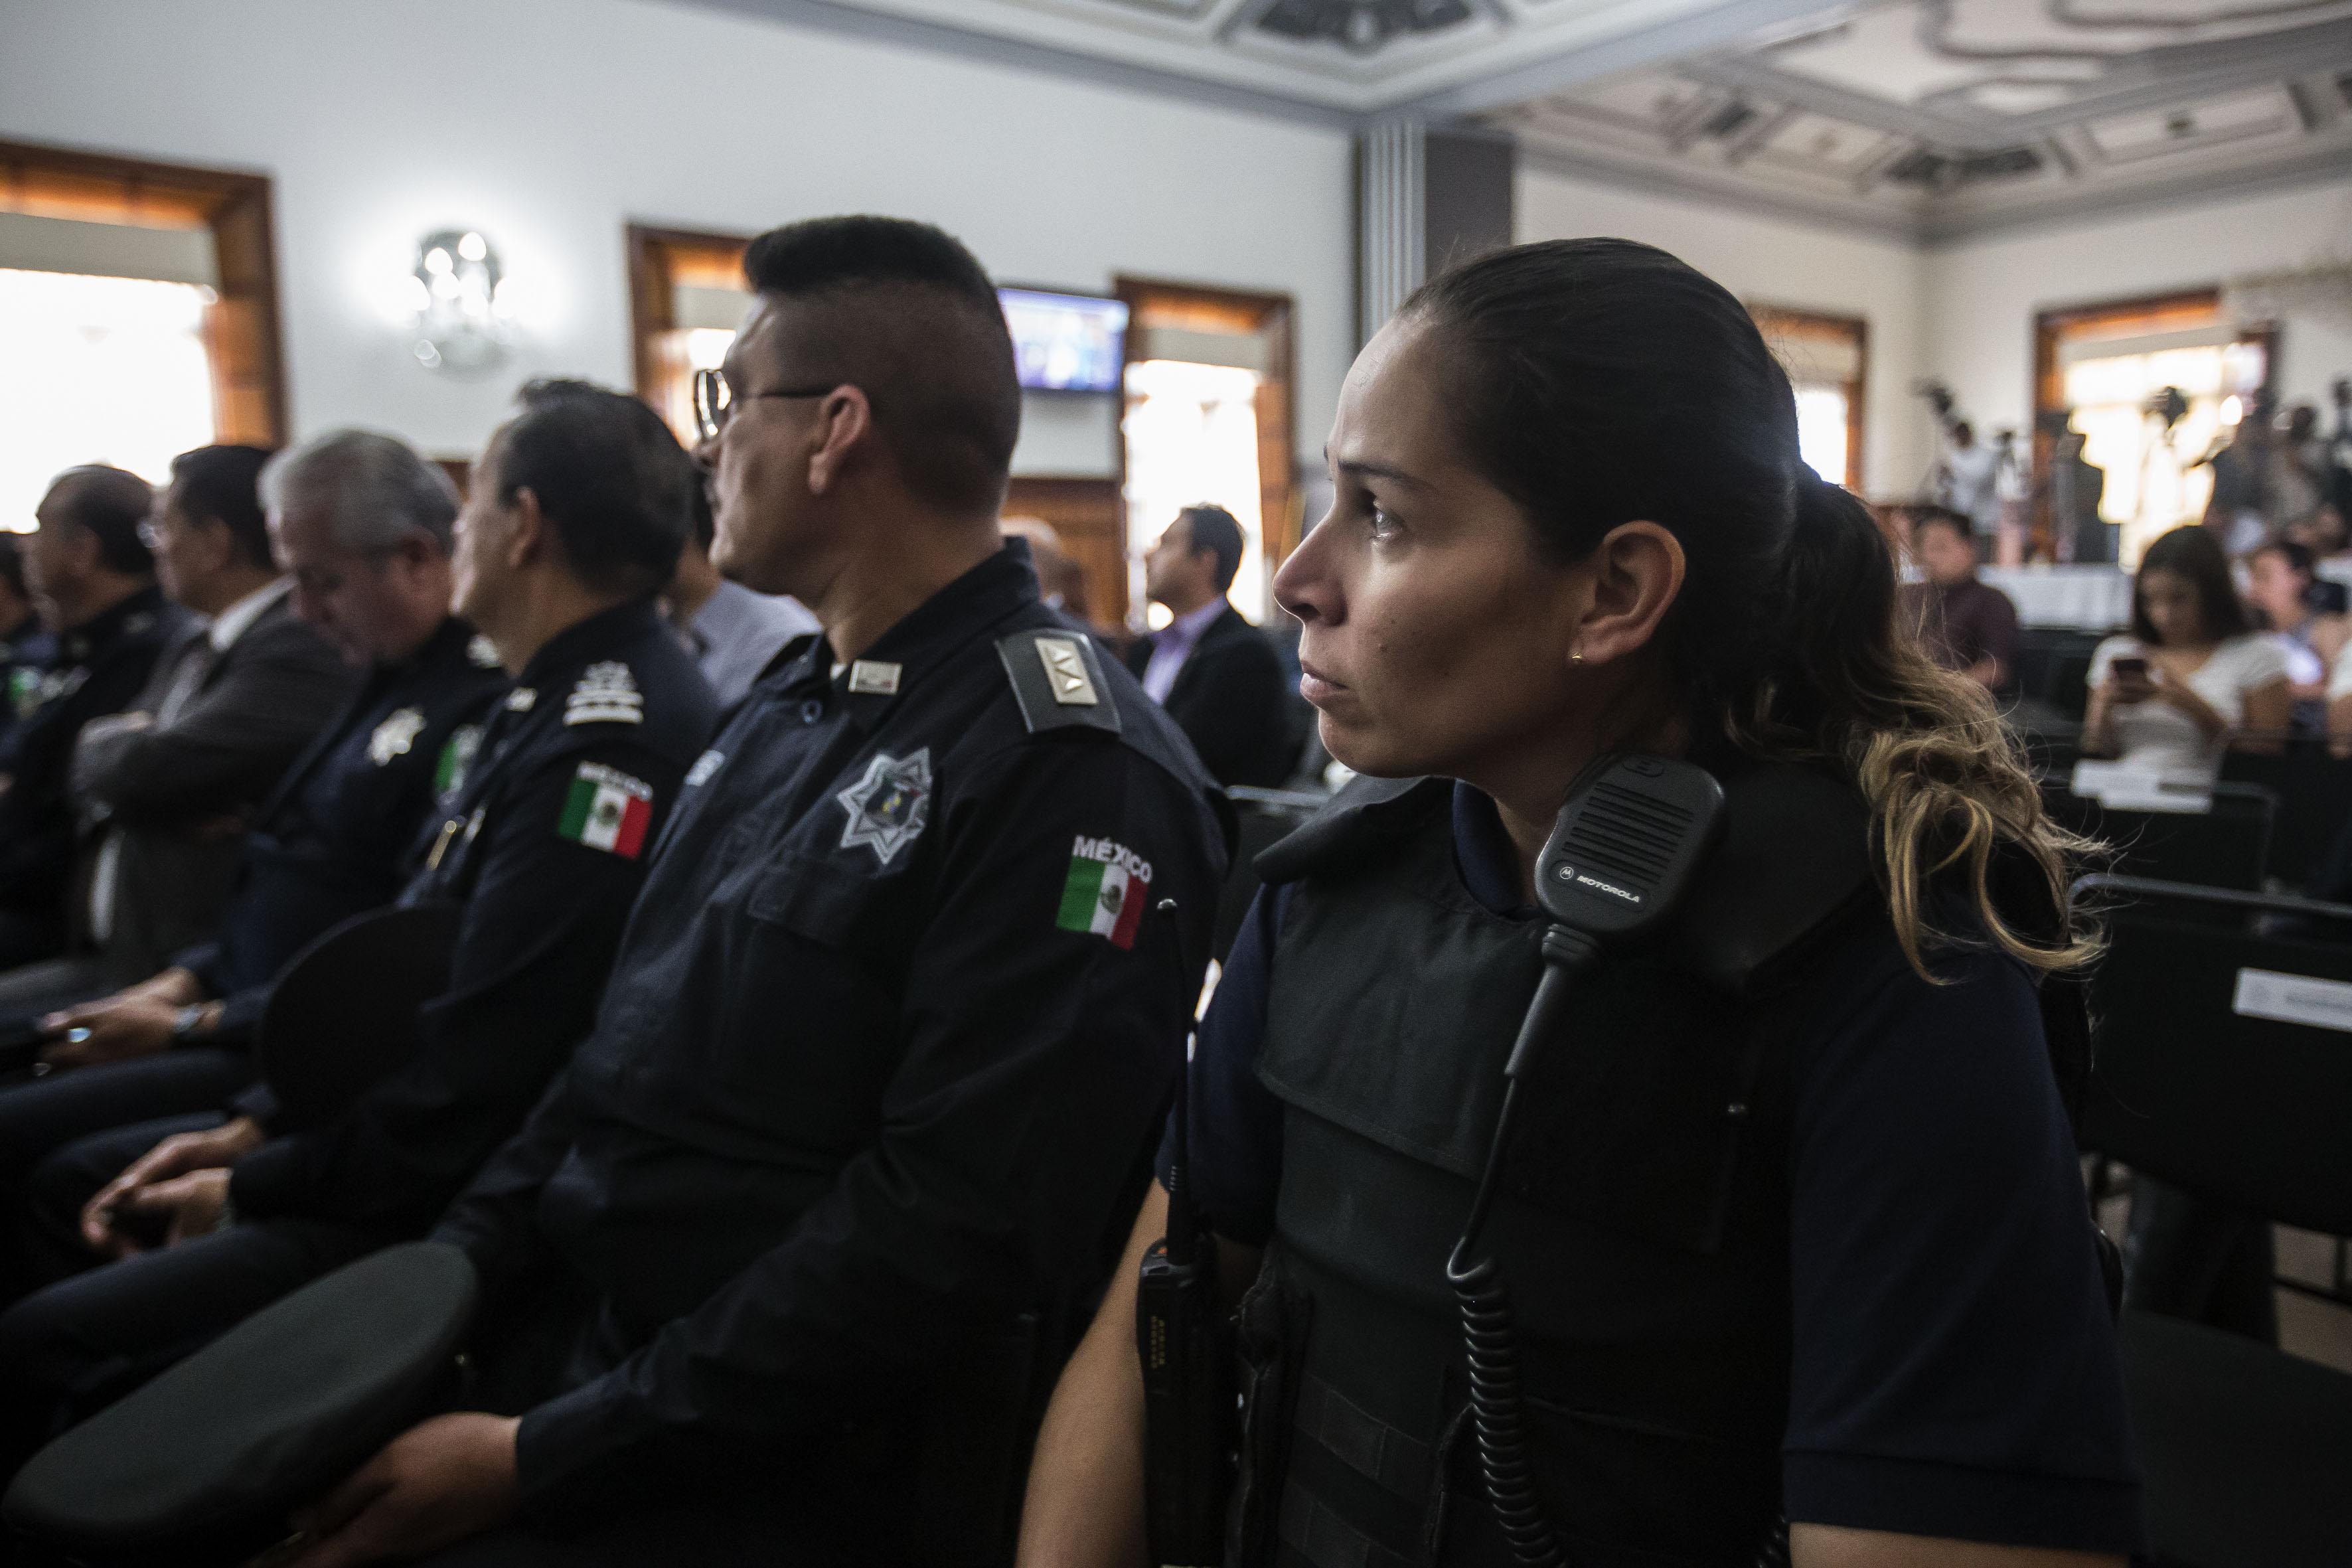 Vista panorámica de los policias de Guadalajara y público asistente a ceremonia, en instalaciones del Salón de Cabildo de Palacio Municipal.